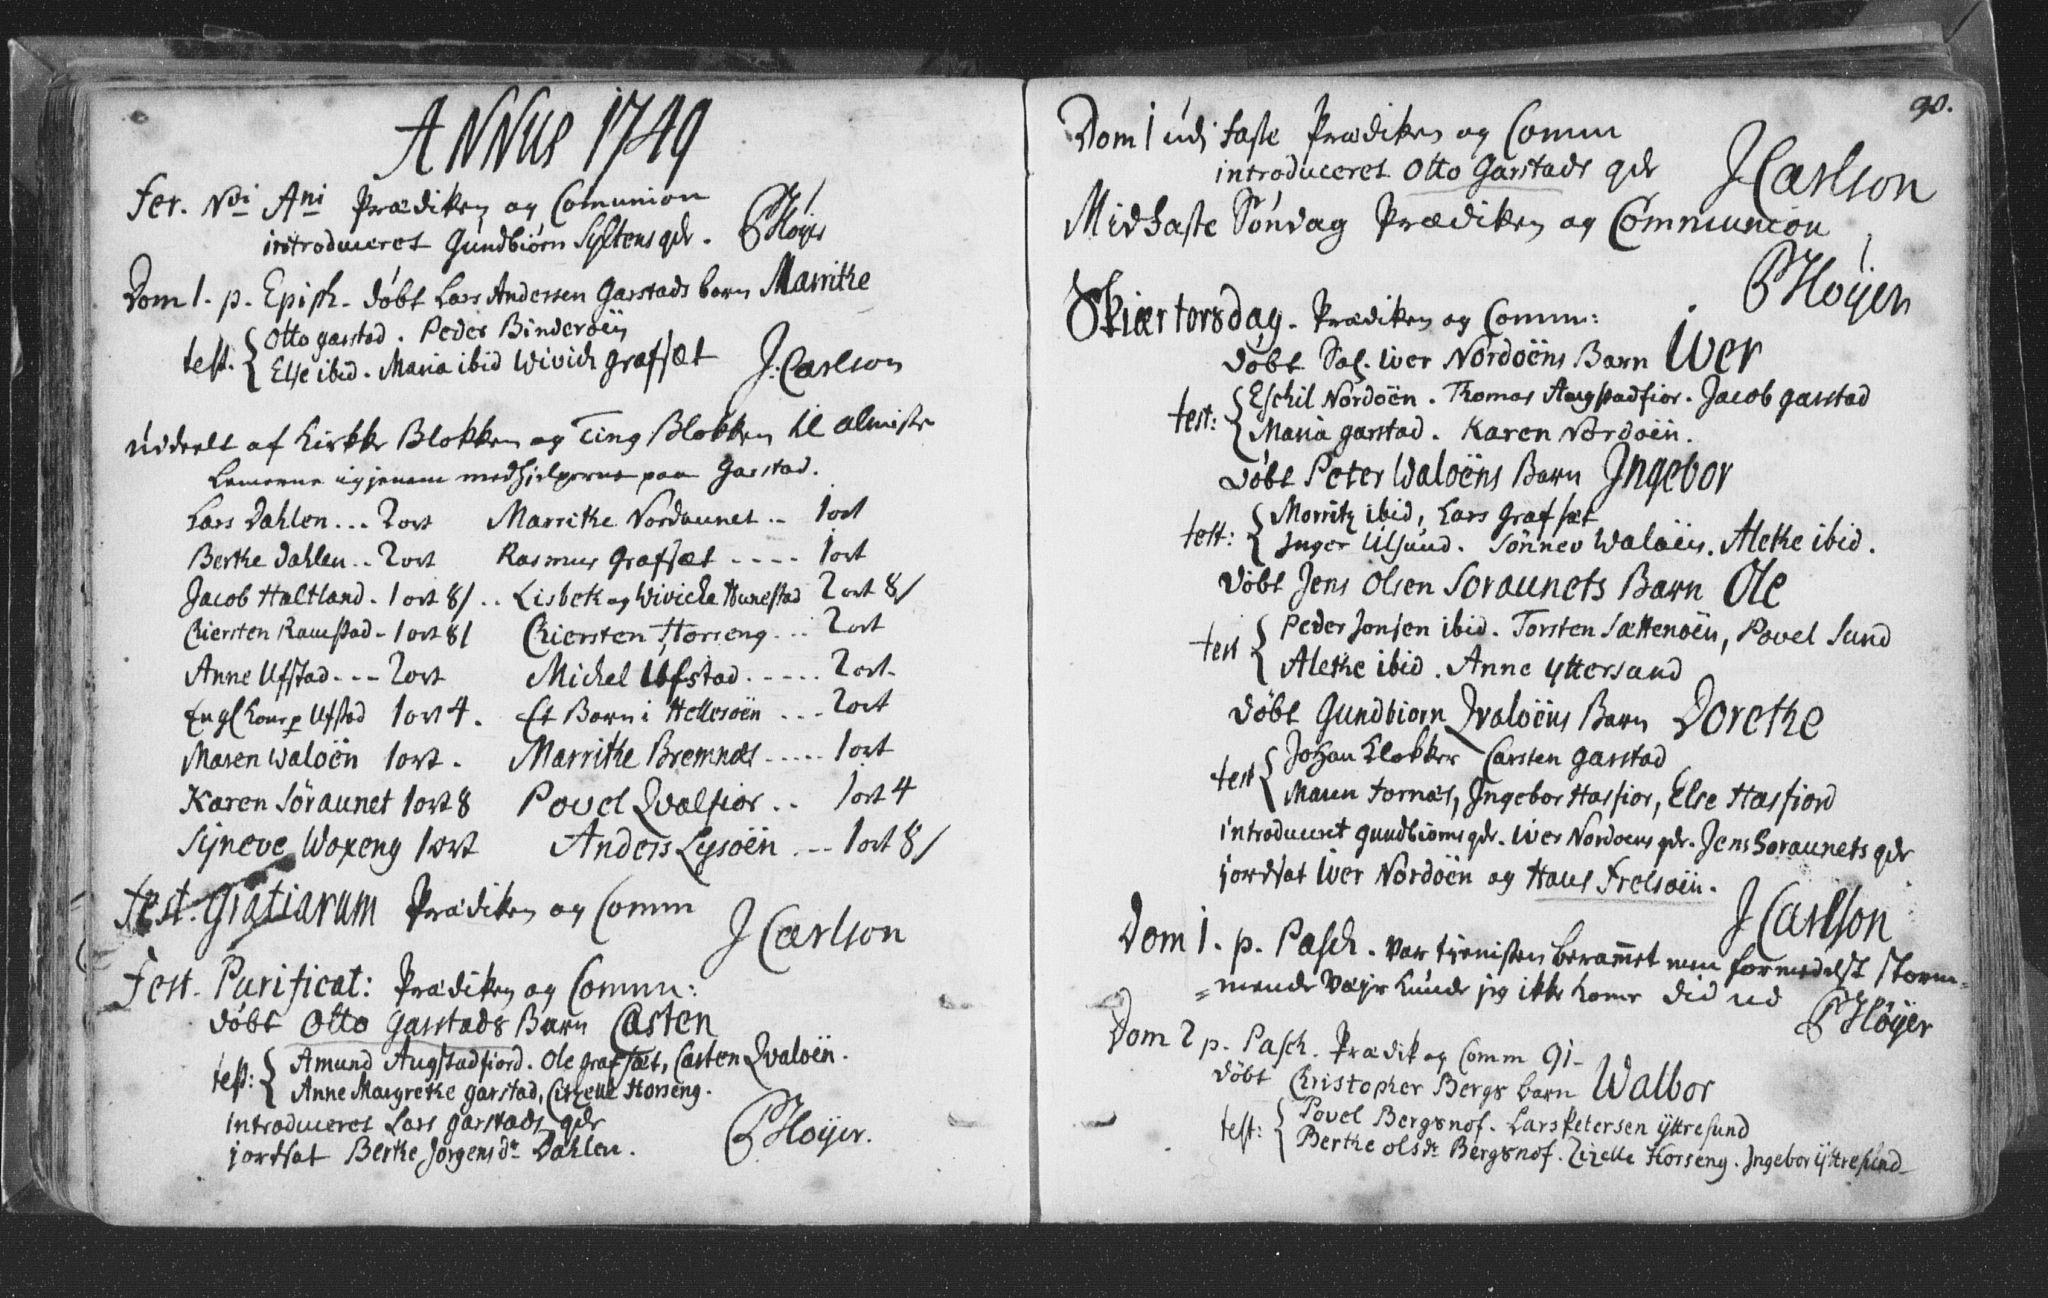 SAT, Ministerialprotokoller, klokkerbøker og fødselsregistre - Nord-Trøndelag, 786/L0685: Ministerialbok nr. 786A01, 1710-1798, s. 90